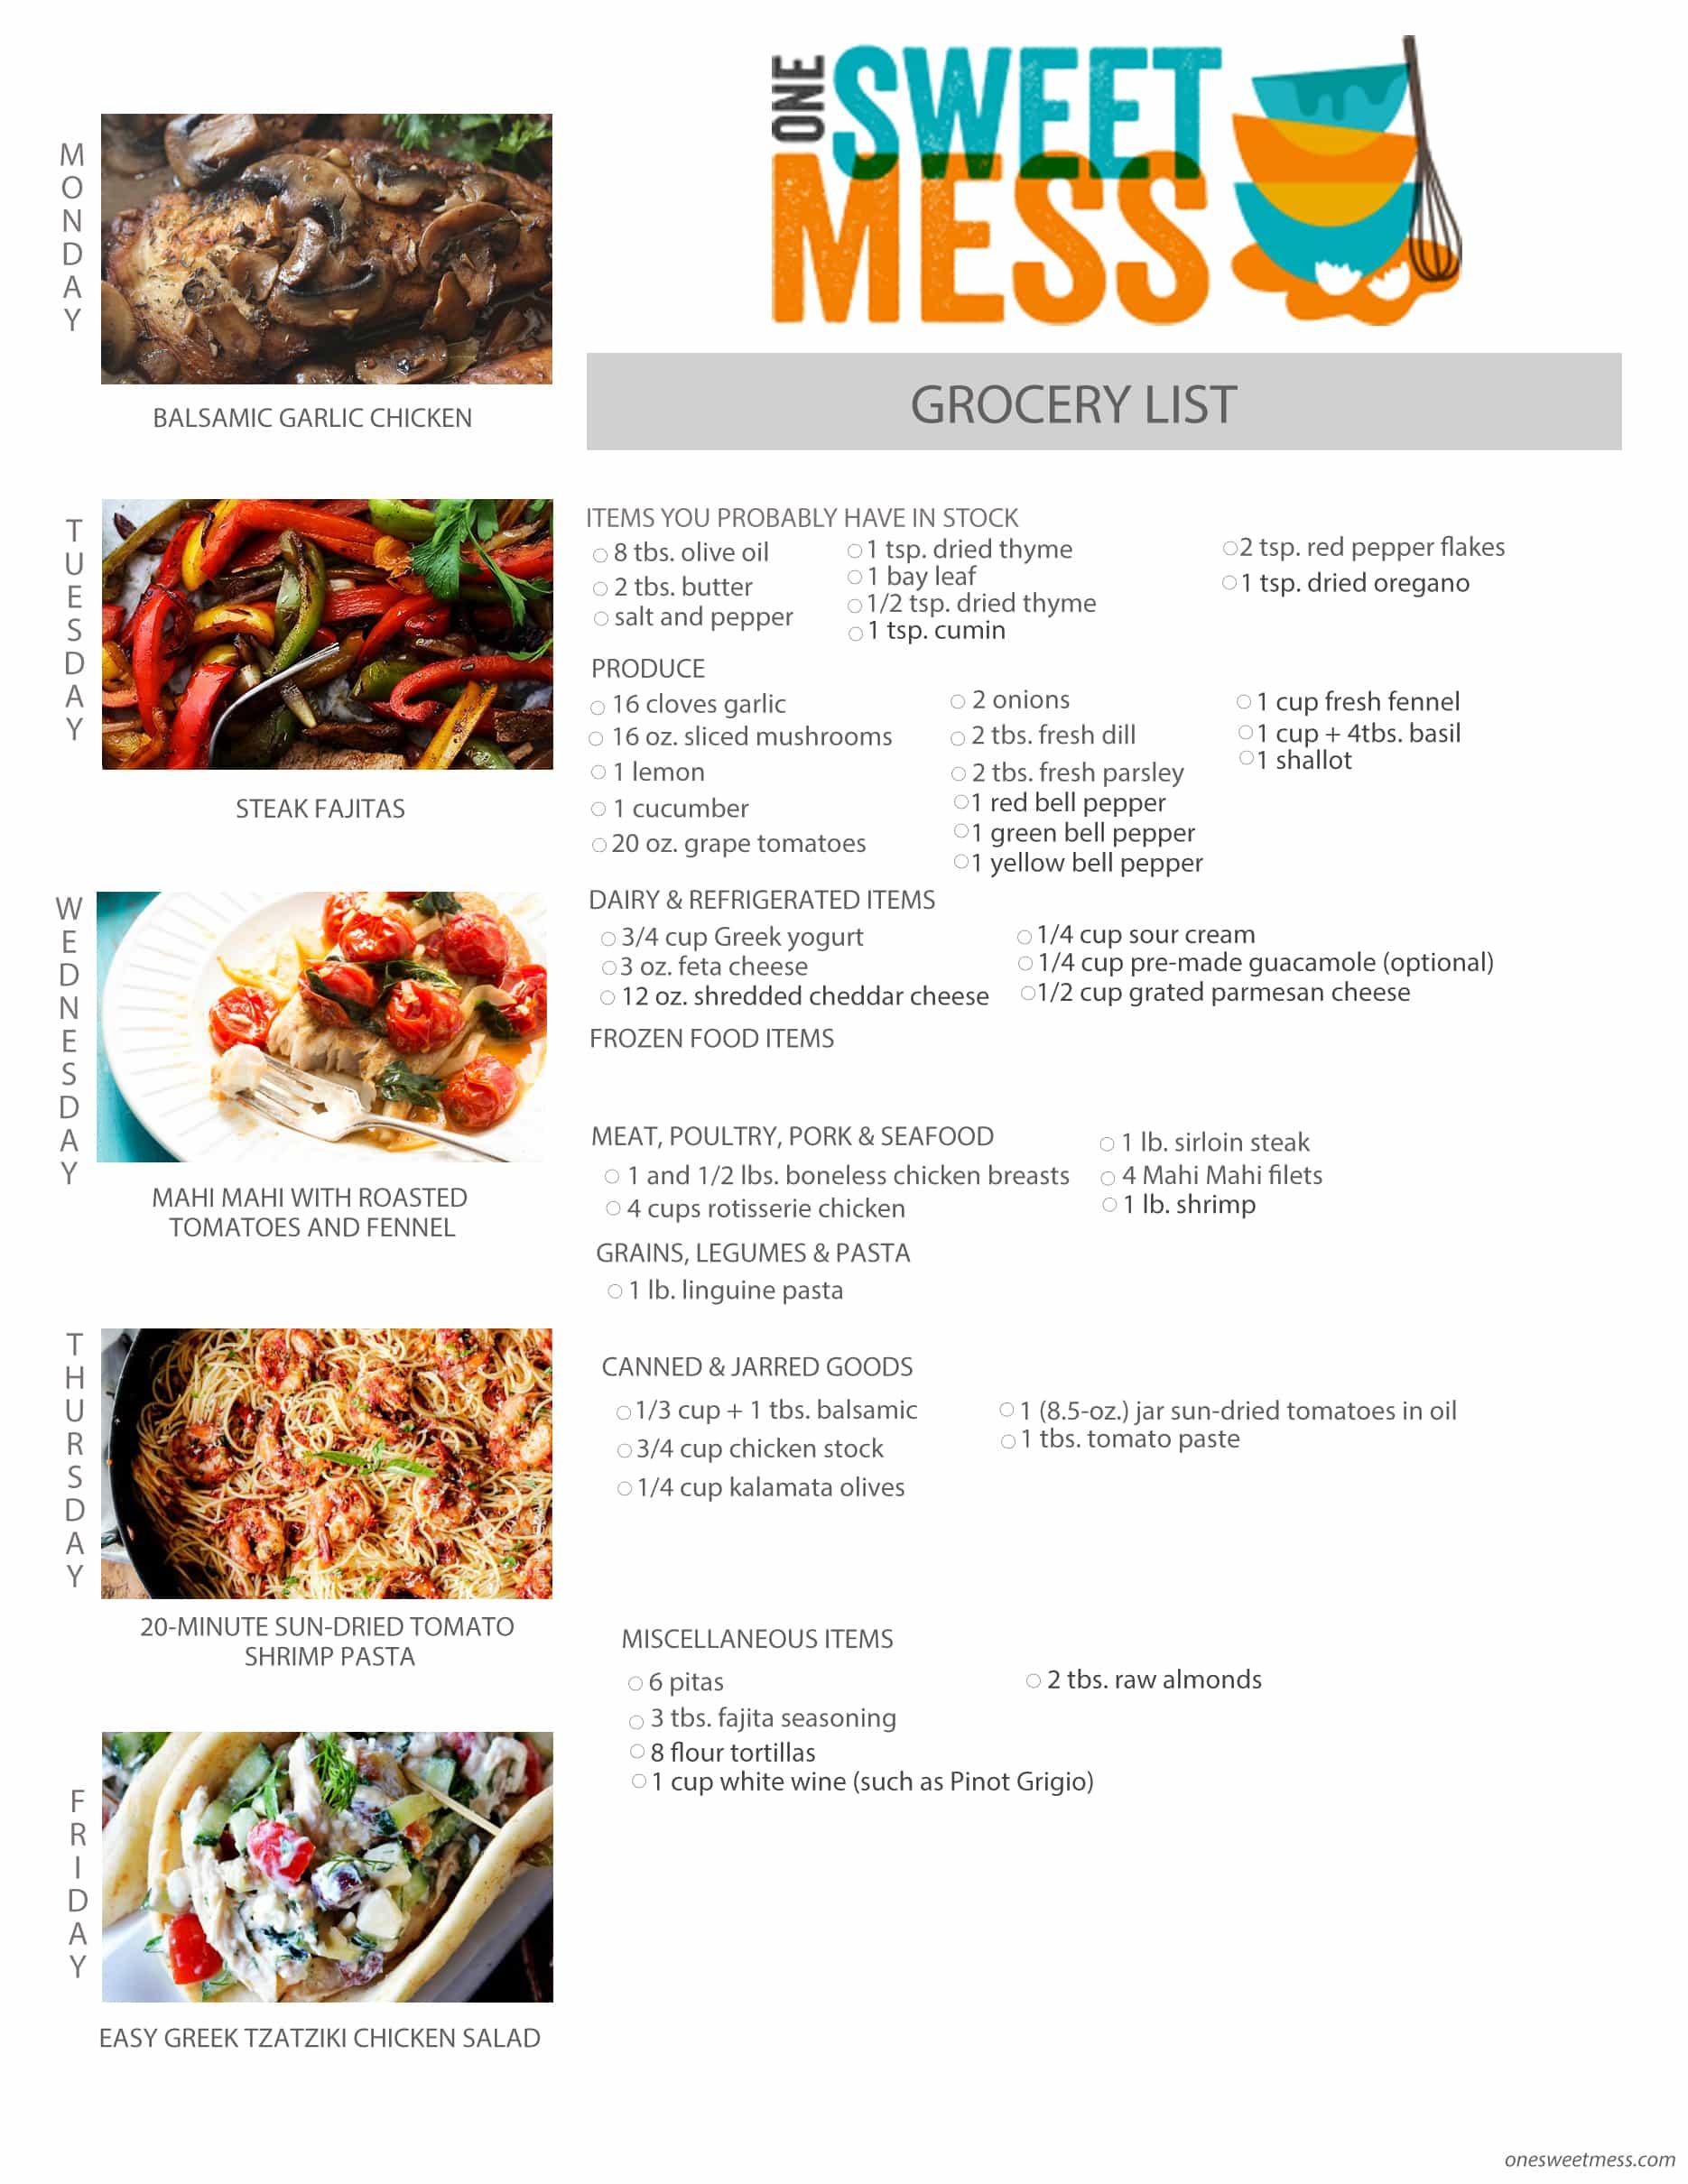 Week of February 29th, 2016 Weekly Meal Plan + Printable Grocery List